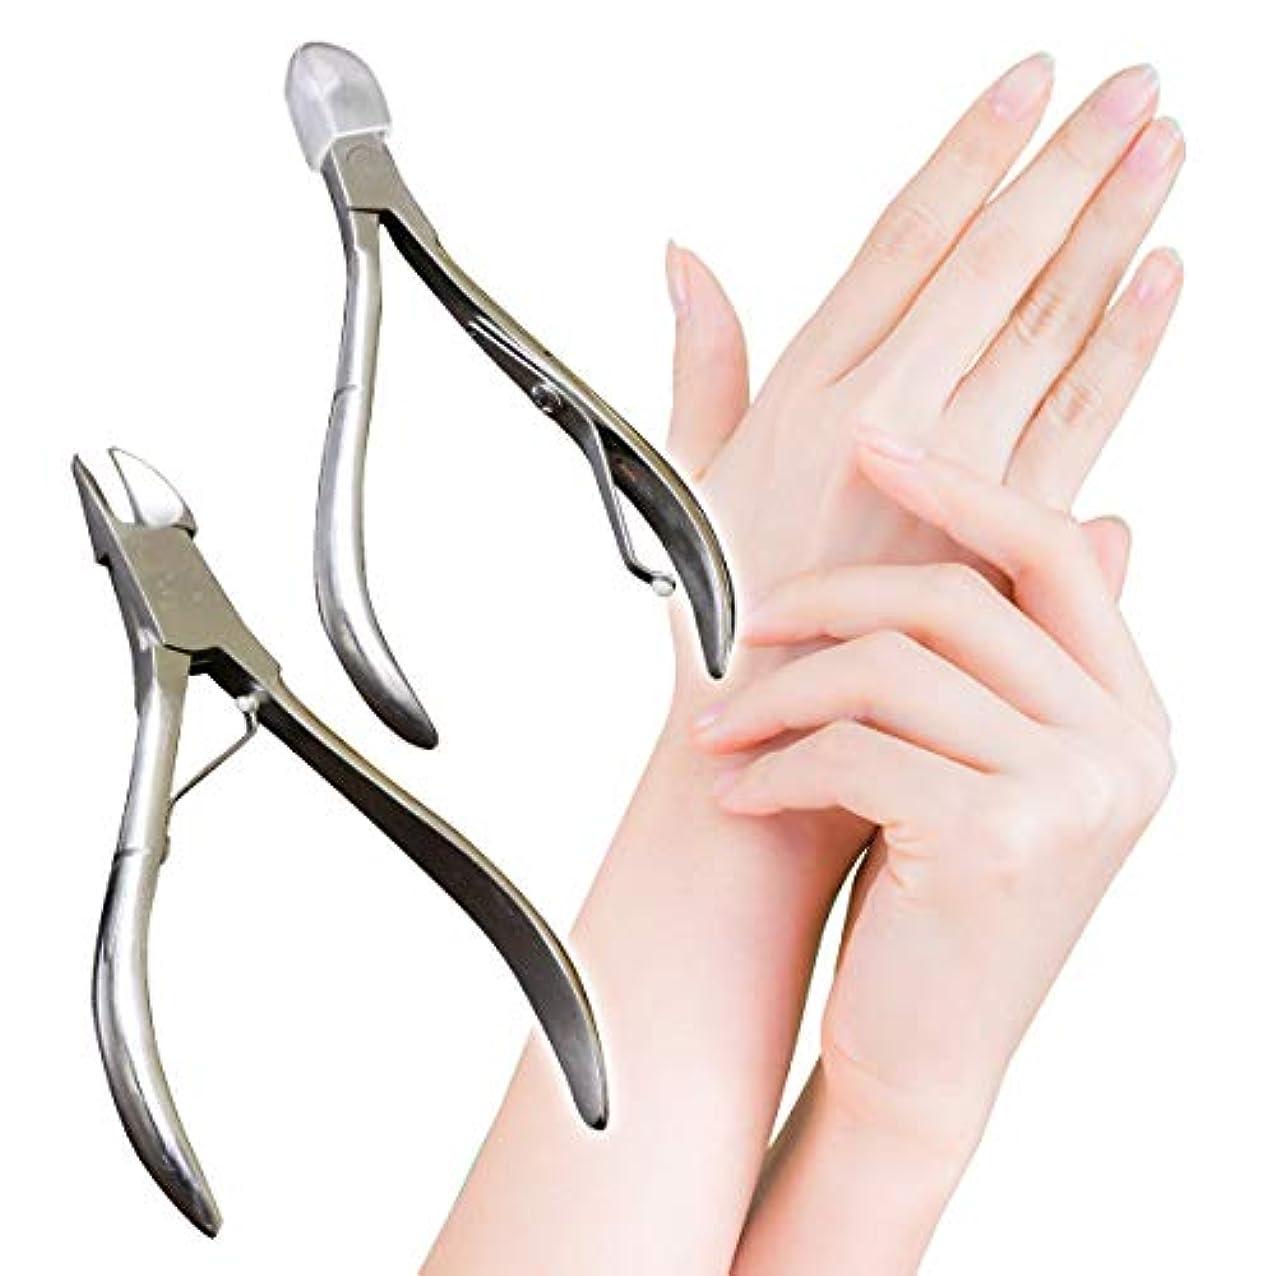 刺激するミントメンタル「爪切り 大小2本セット」ネイルニッパー ステンレス製 割れ爪 巻き爪 陥入爪 2枚爪 厚い爪 足用 ささくれ 左右両用 ネイルケア 大小(S8L12)